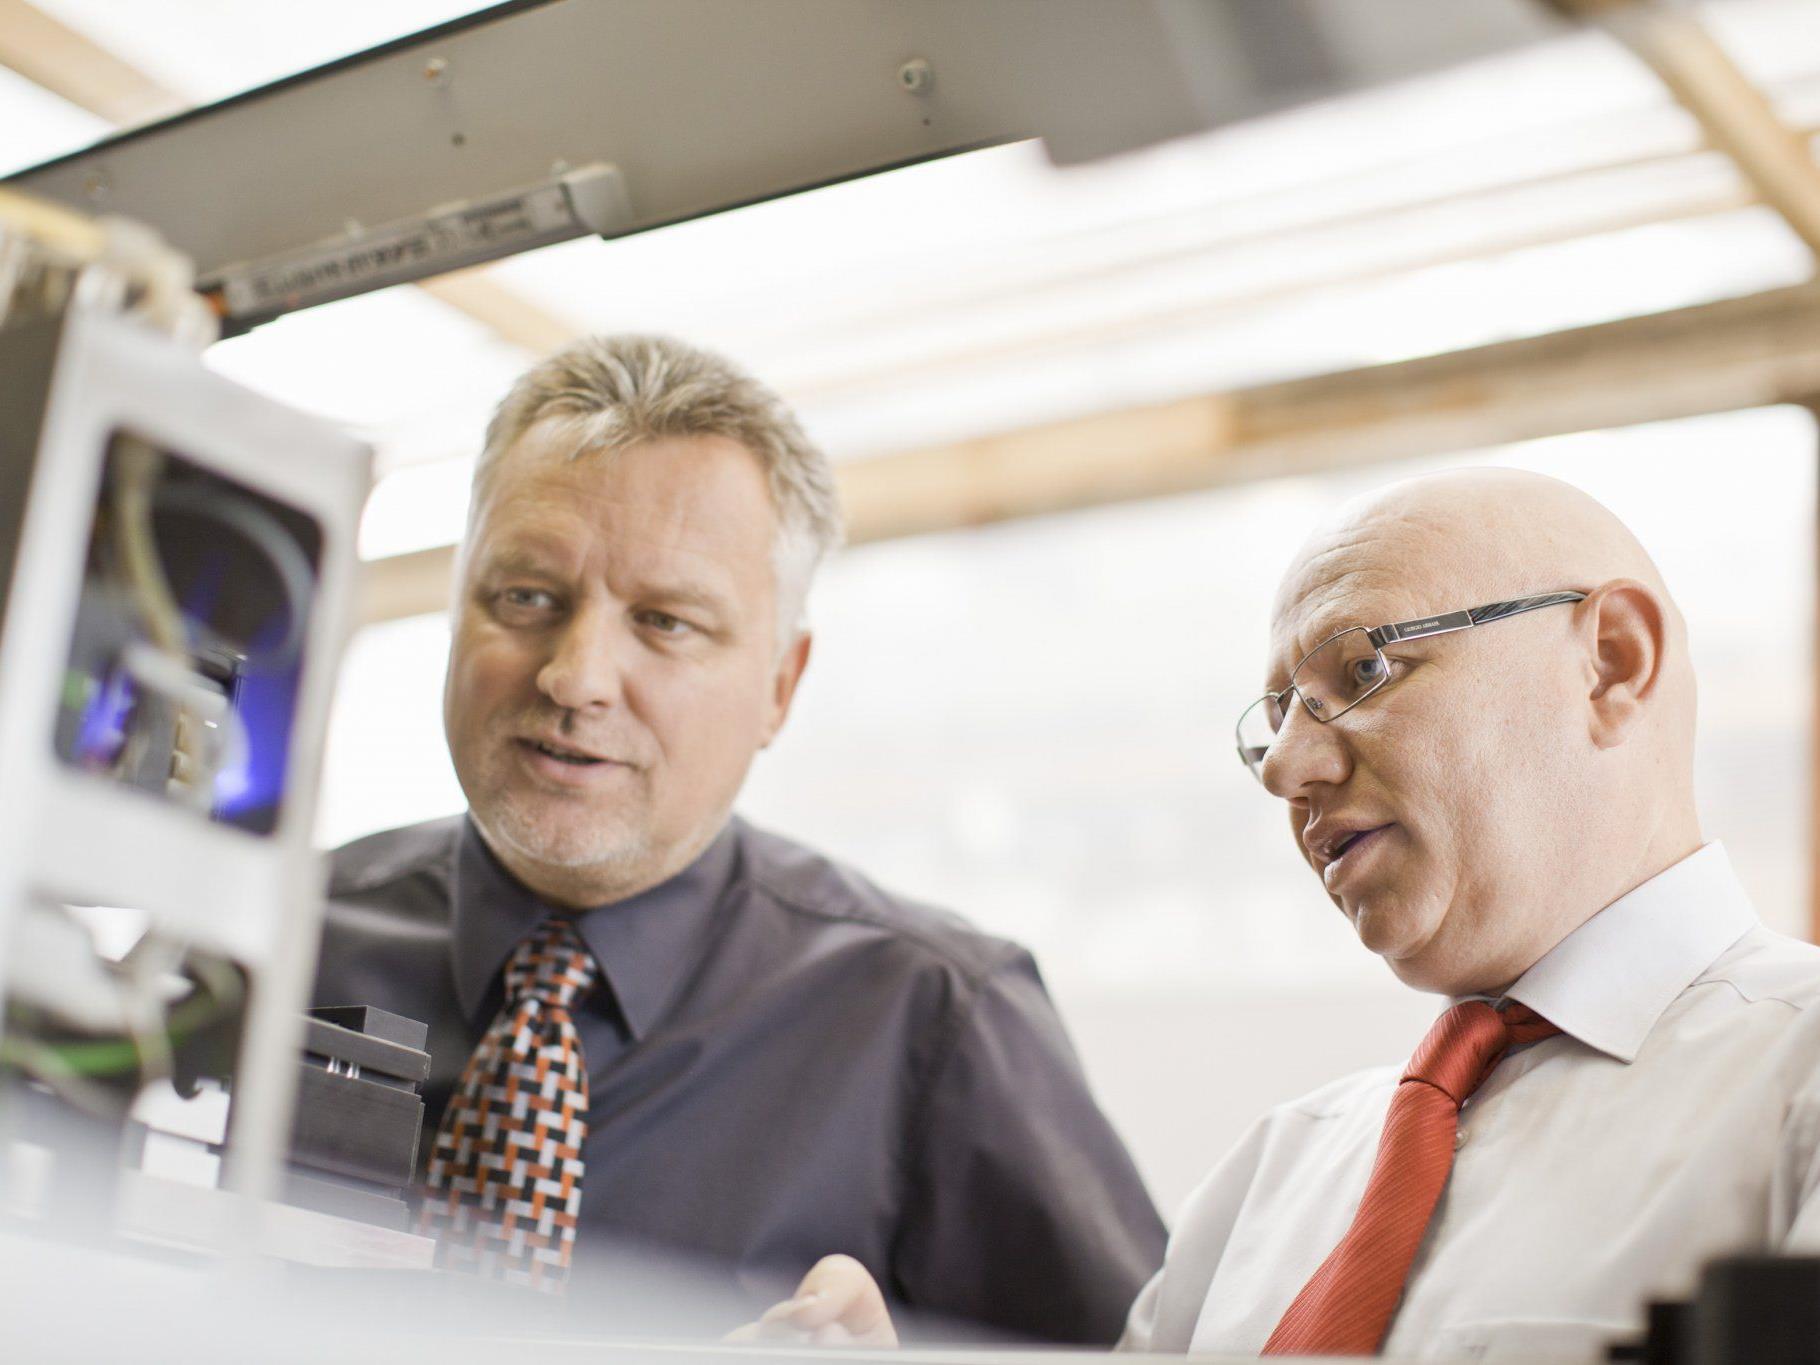 der 1zu1 Prototypen-Geschäftsführer Wolfgang Humml (l.) und Hannes Hämmerle.